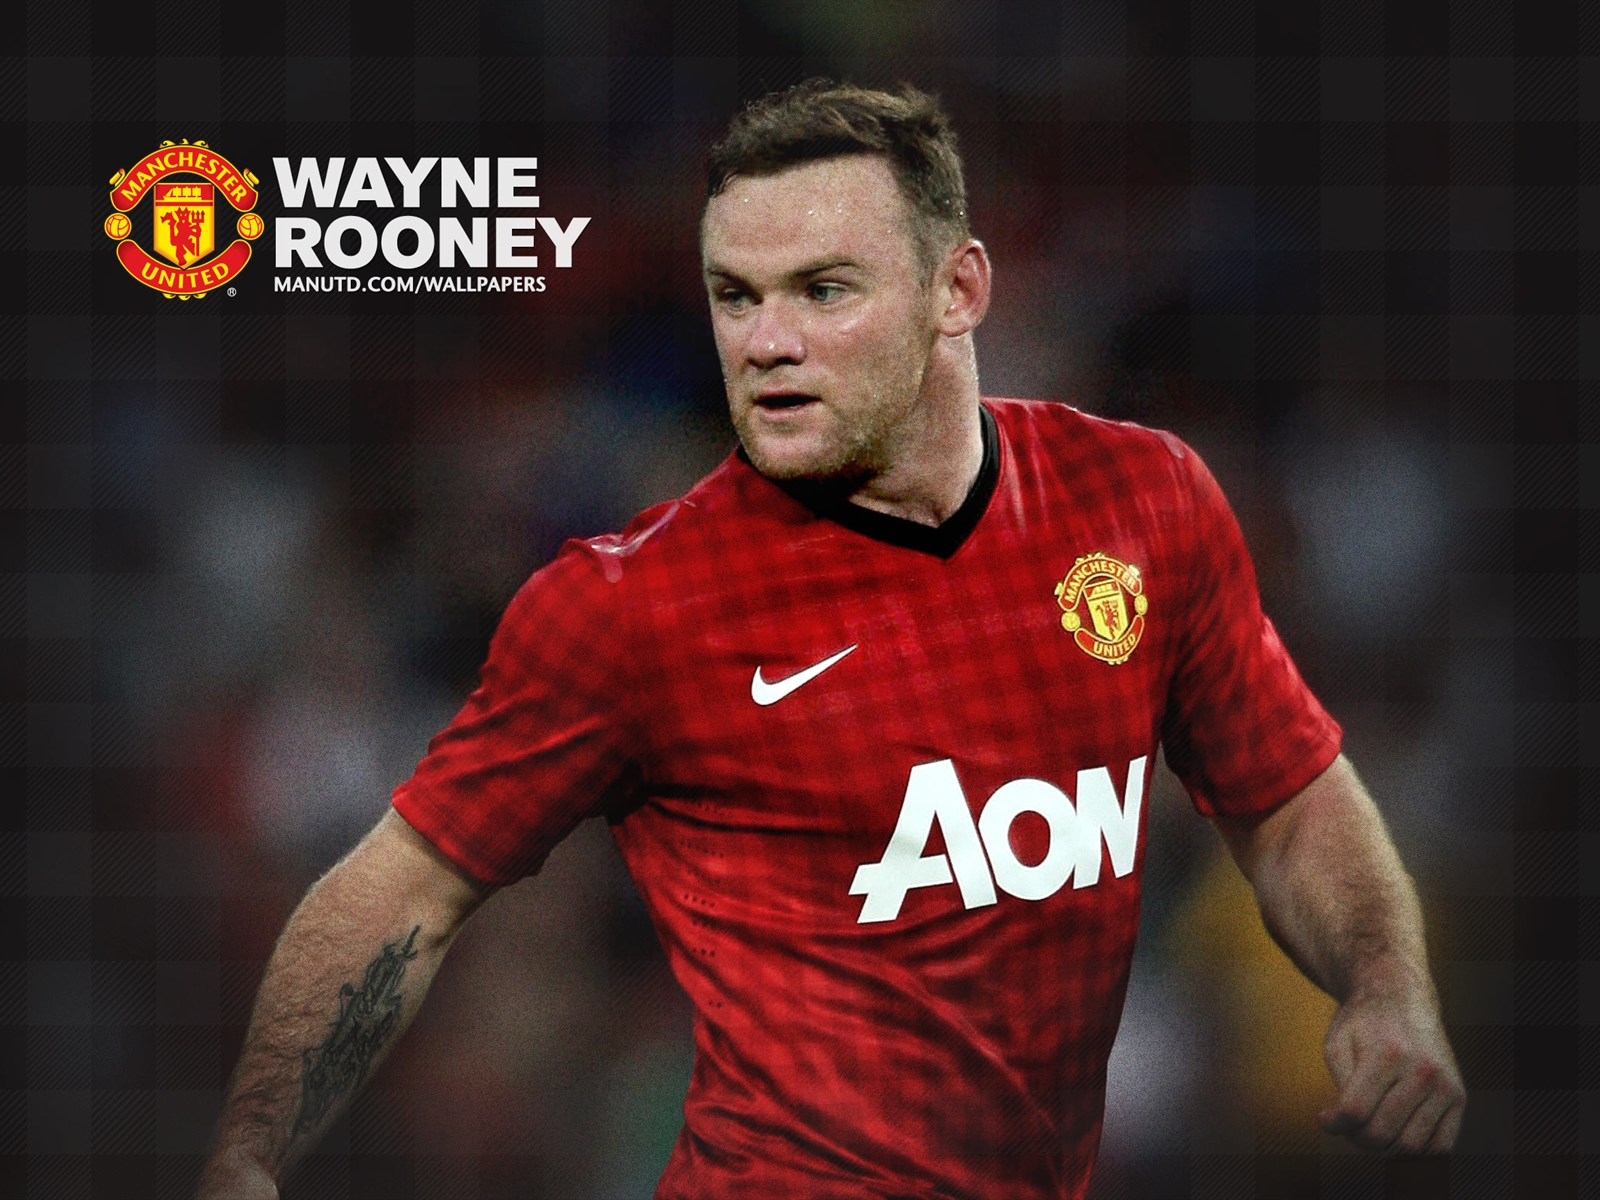 Wayne Rooney Pictures Wayne Rooney Always silencing his critics